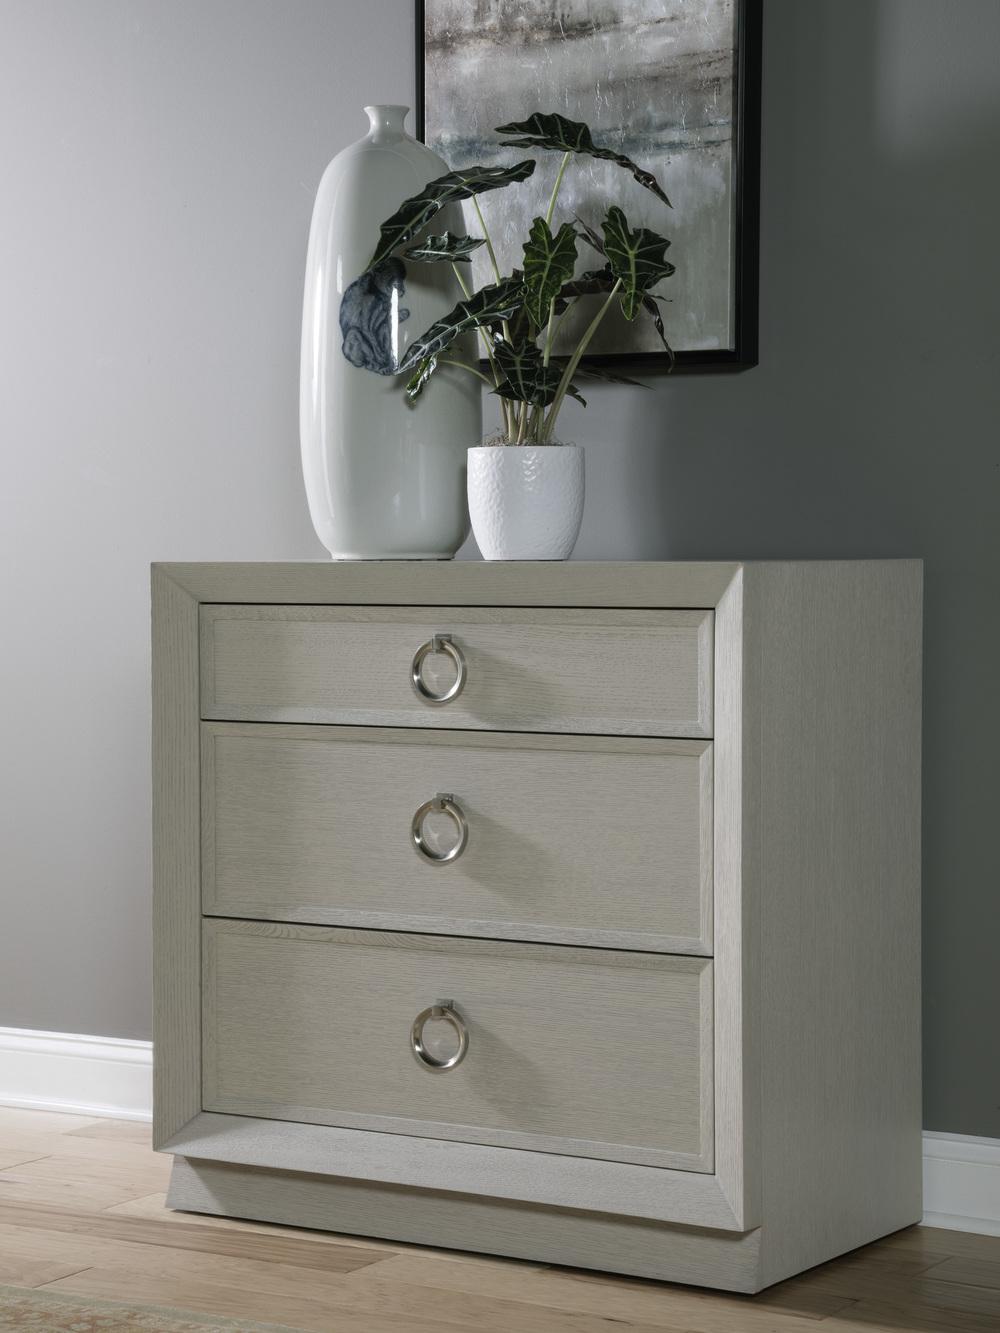 Artistica Home - Zeitgeist White Drawer Hall Chest